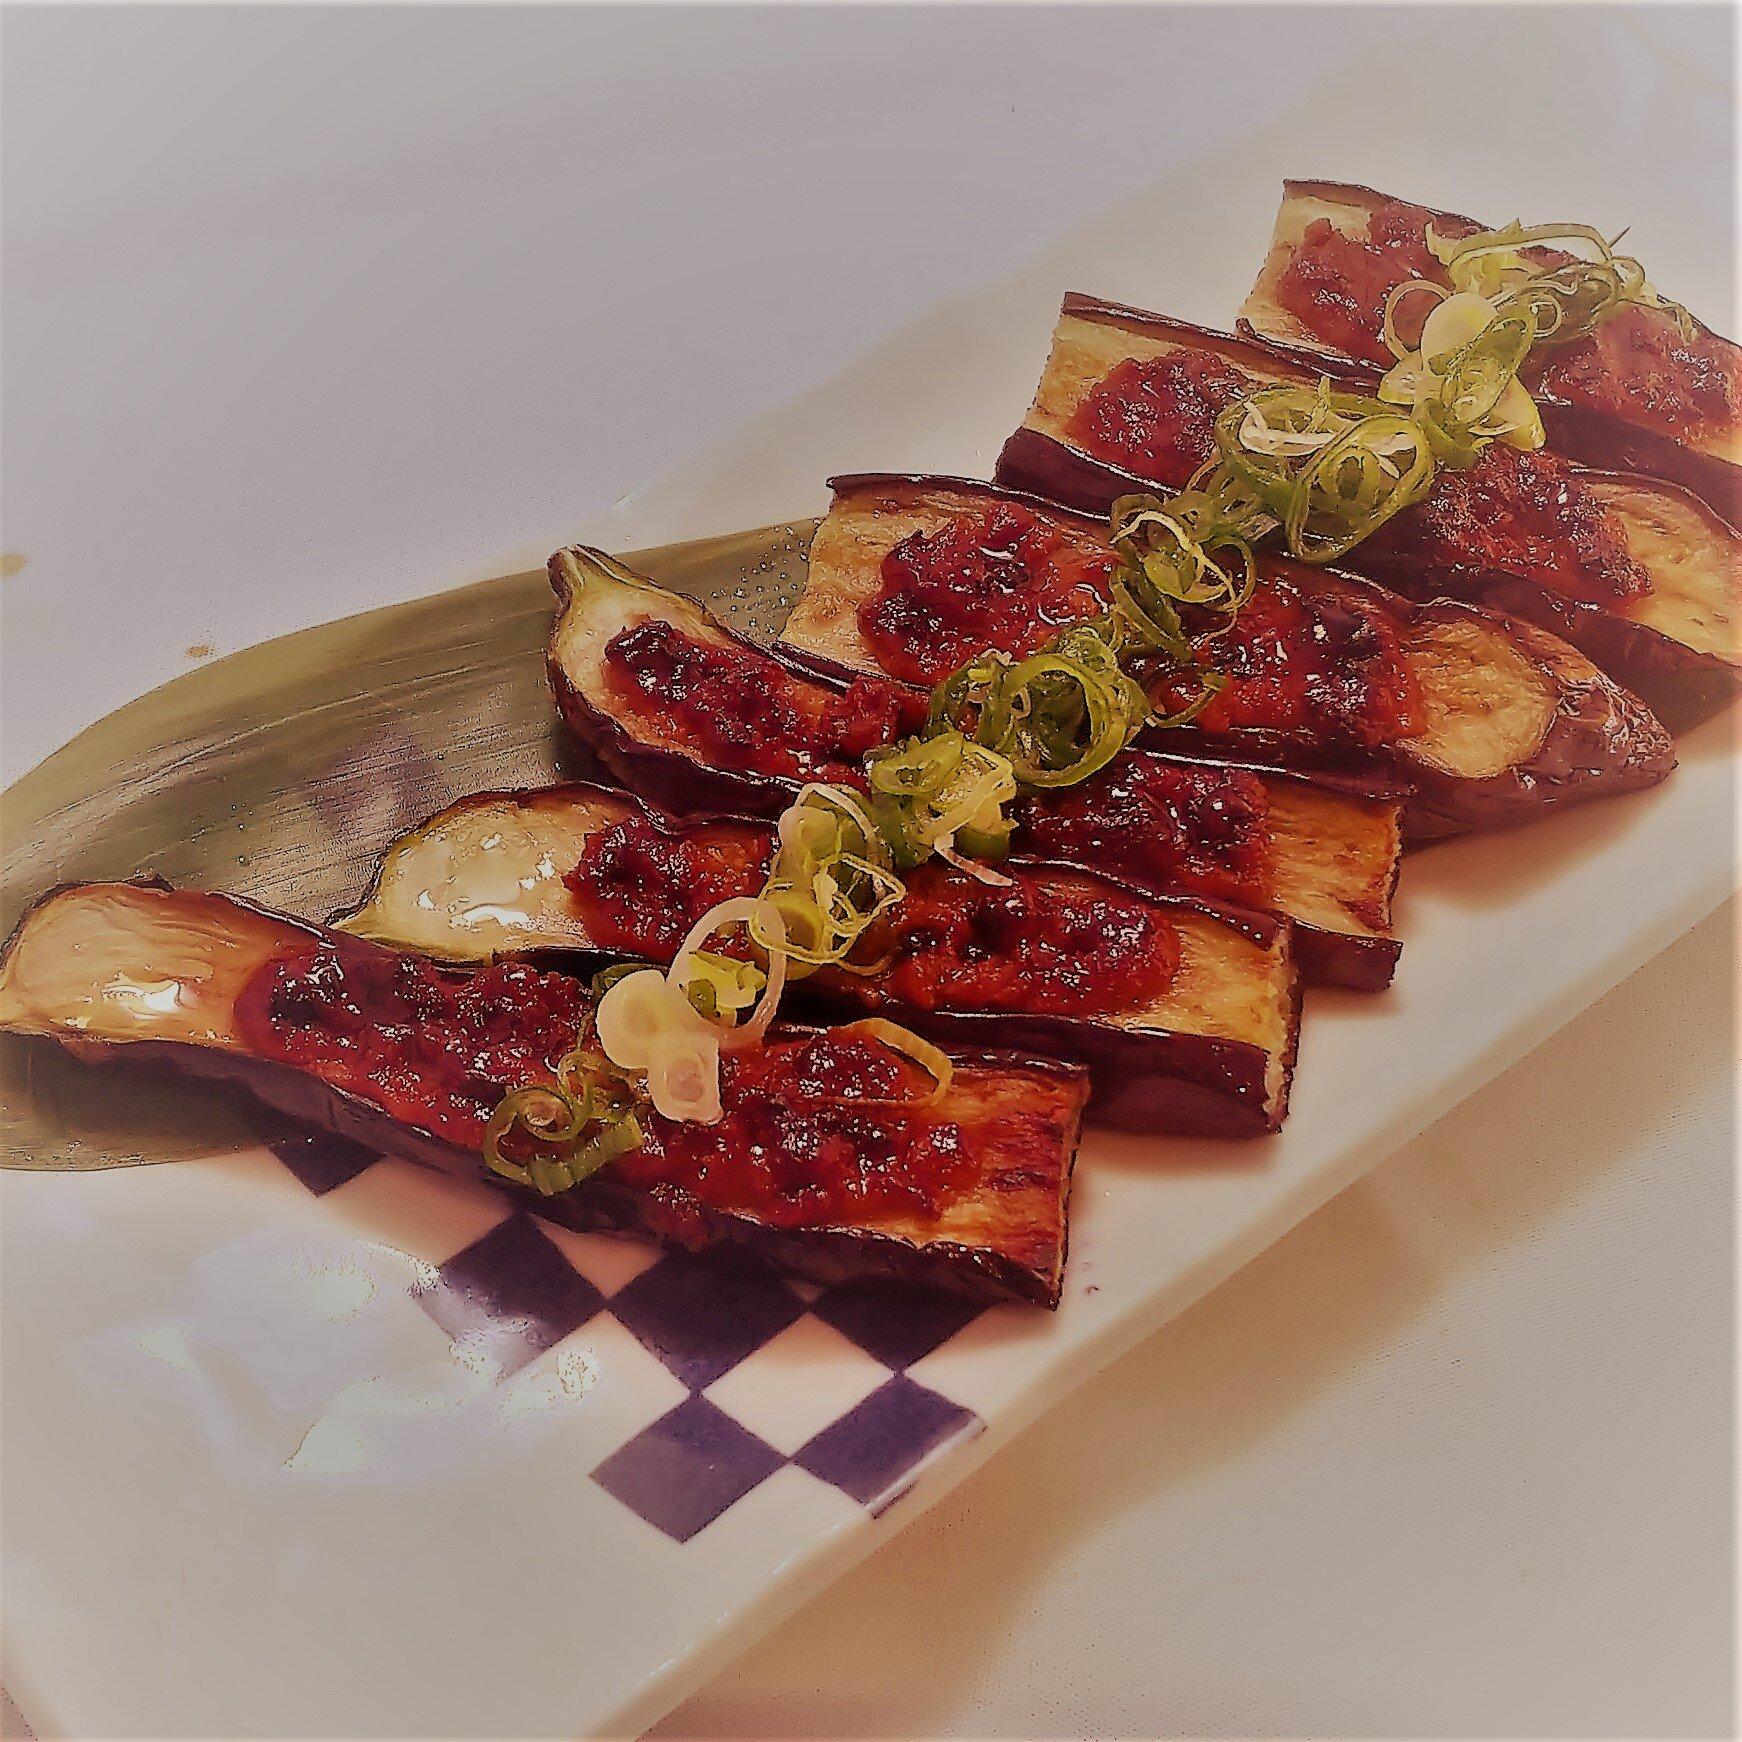 茄子の肉味噌焼き